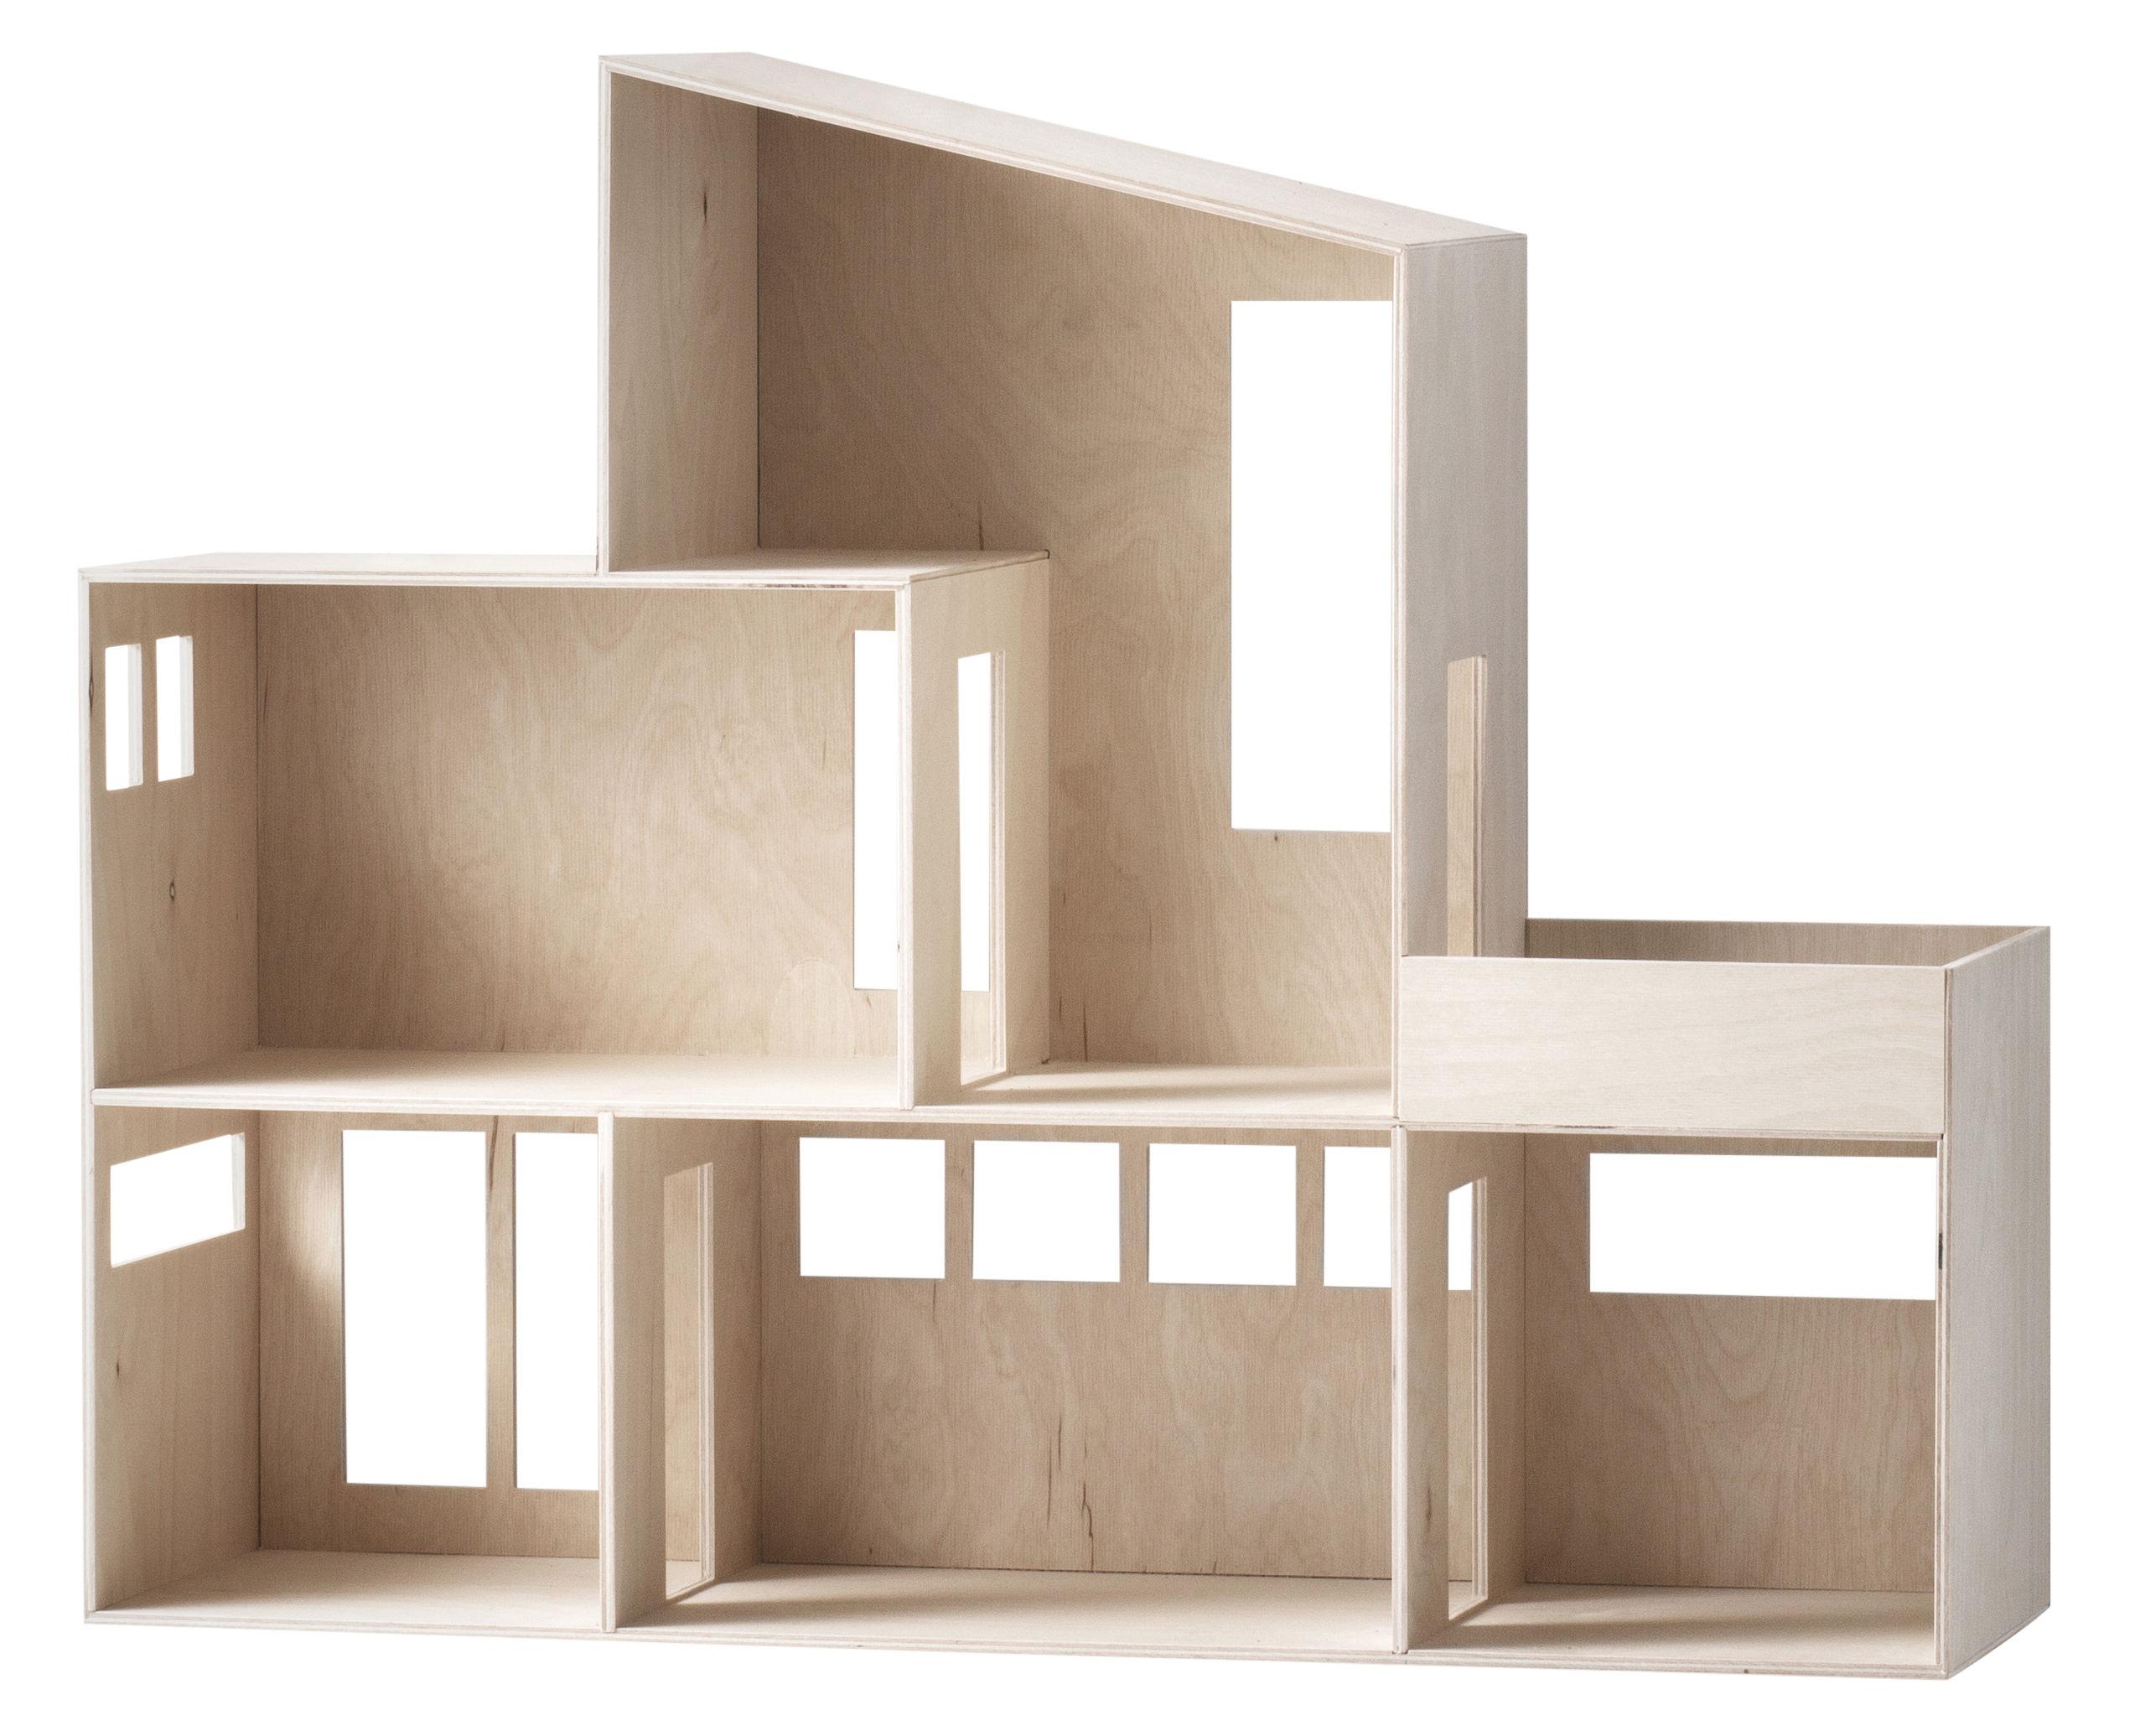 Mobilier - Etagères & bibliothèques - Etagère Funkis Large / Maison de poupées - L 66 x H 55 cm - Ferm Living - Large / Bois - Contreplaqué naturel